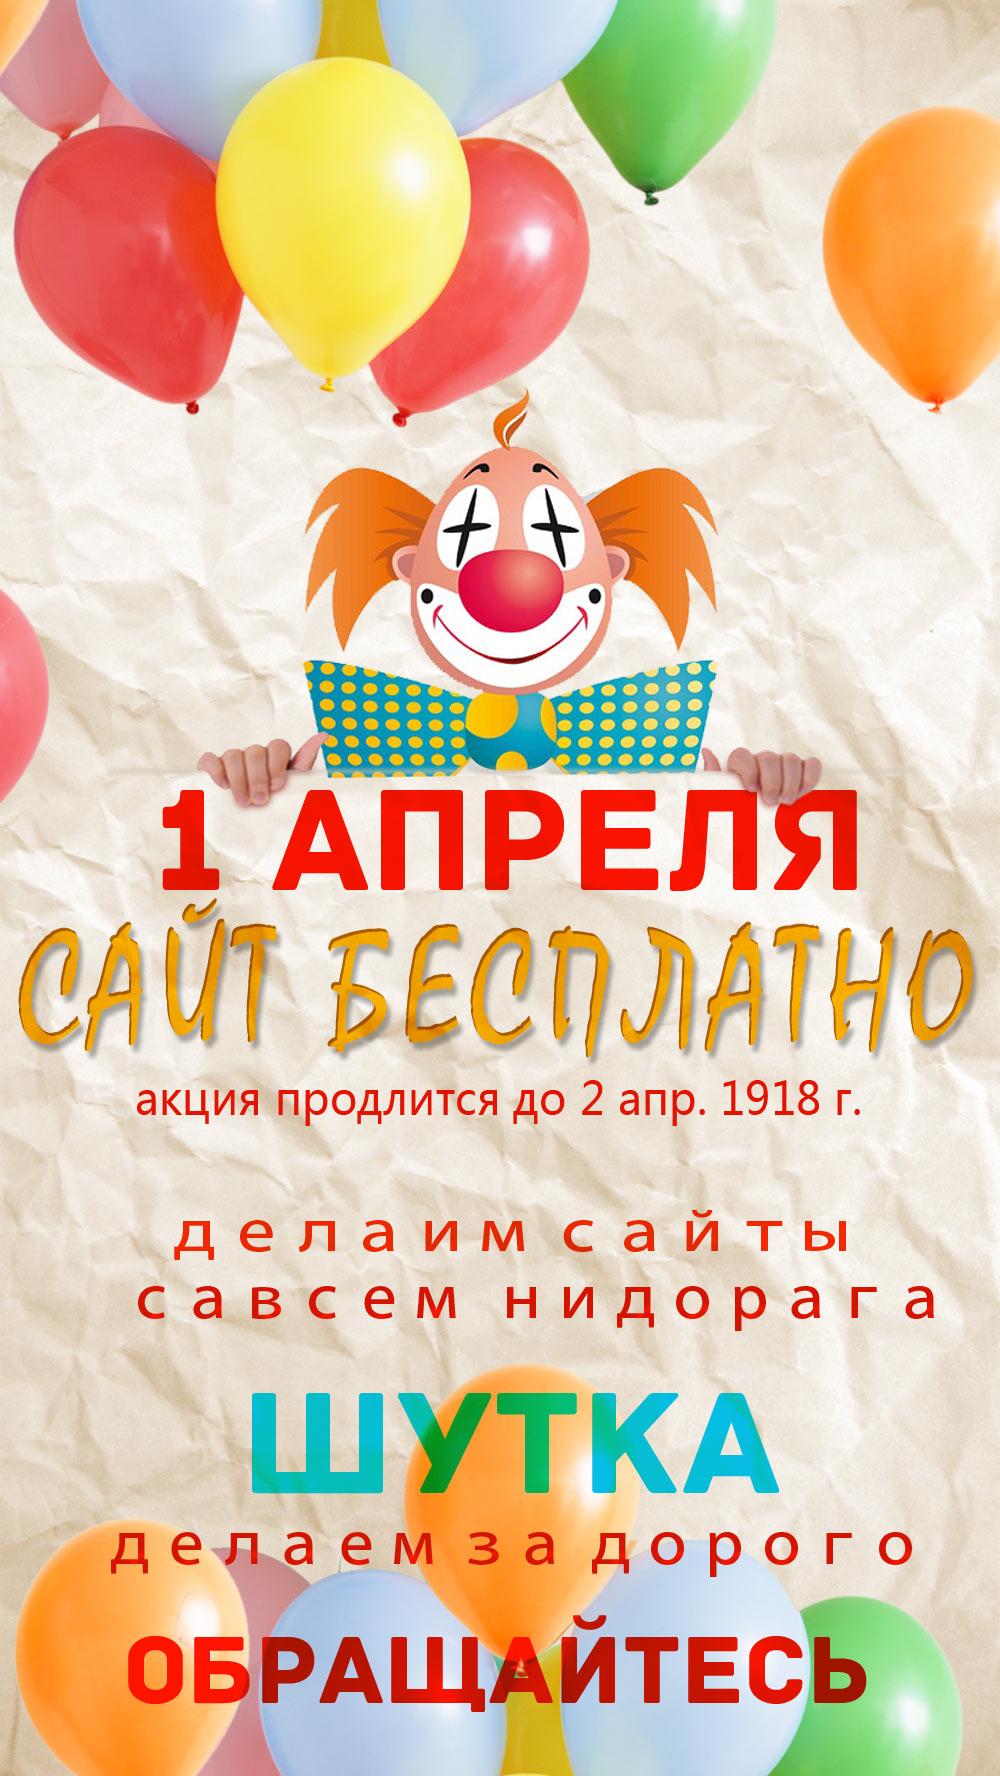 САЙТ БЕСПЛАТНО 1 апреля АКЦИЯ бесплатный сайт